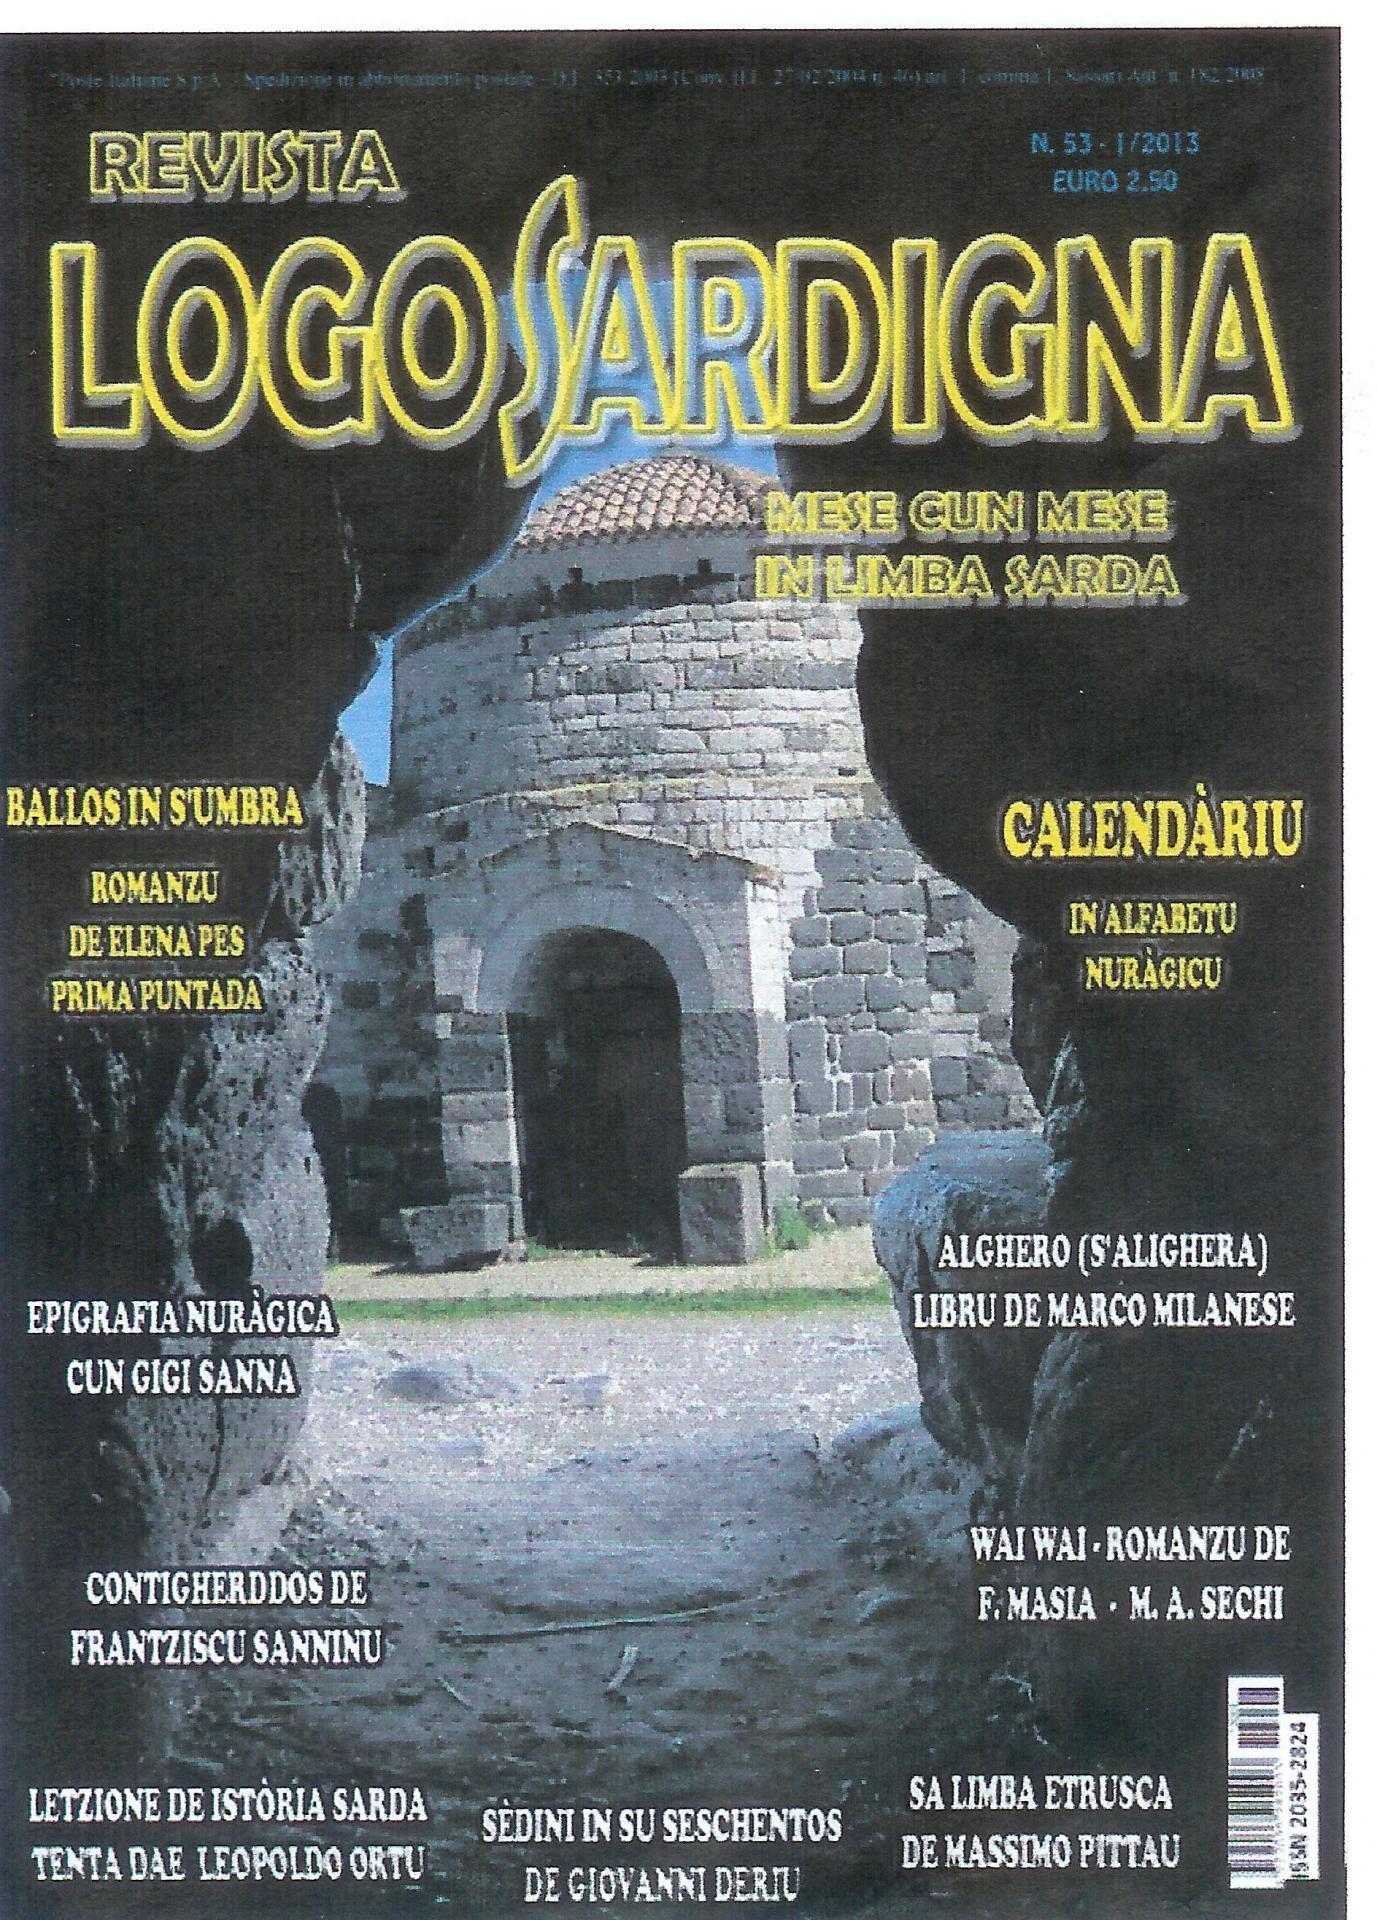 Logosardigna